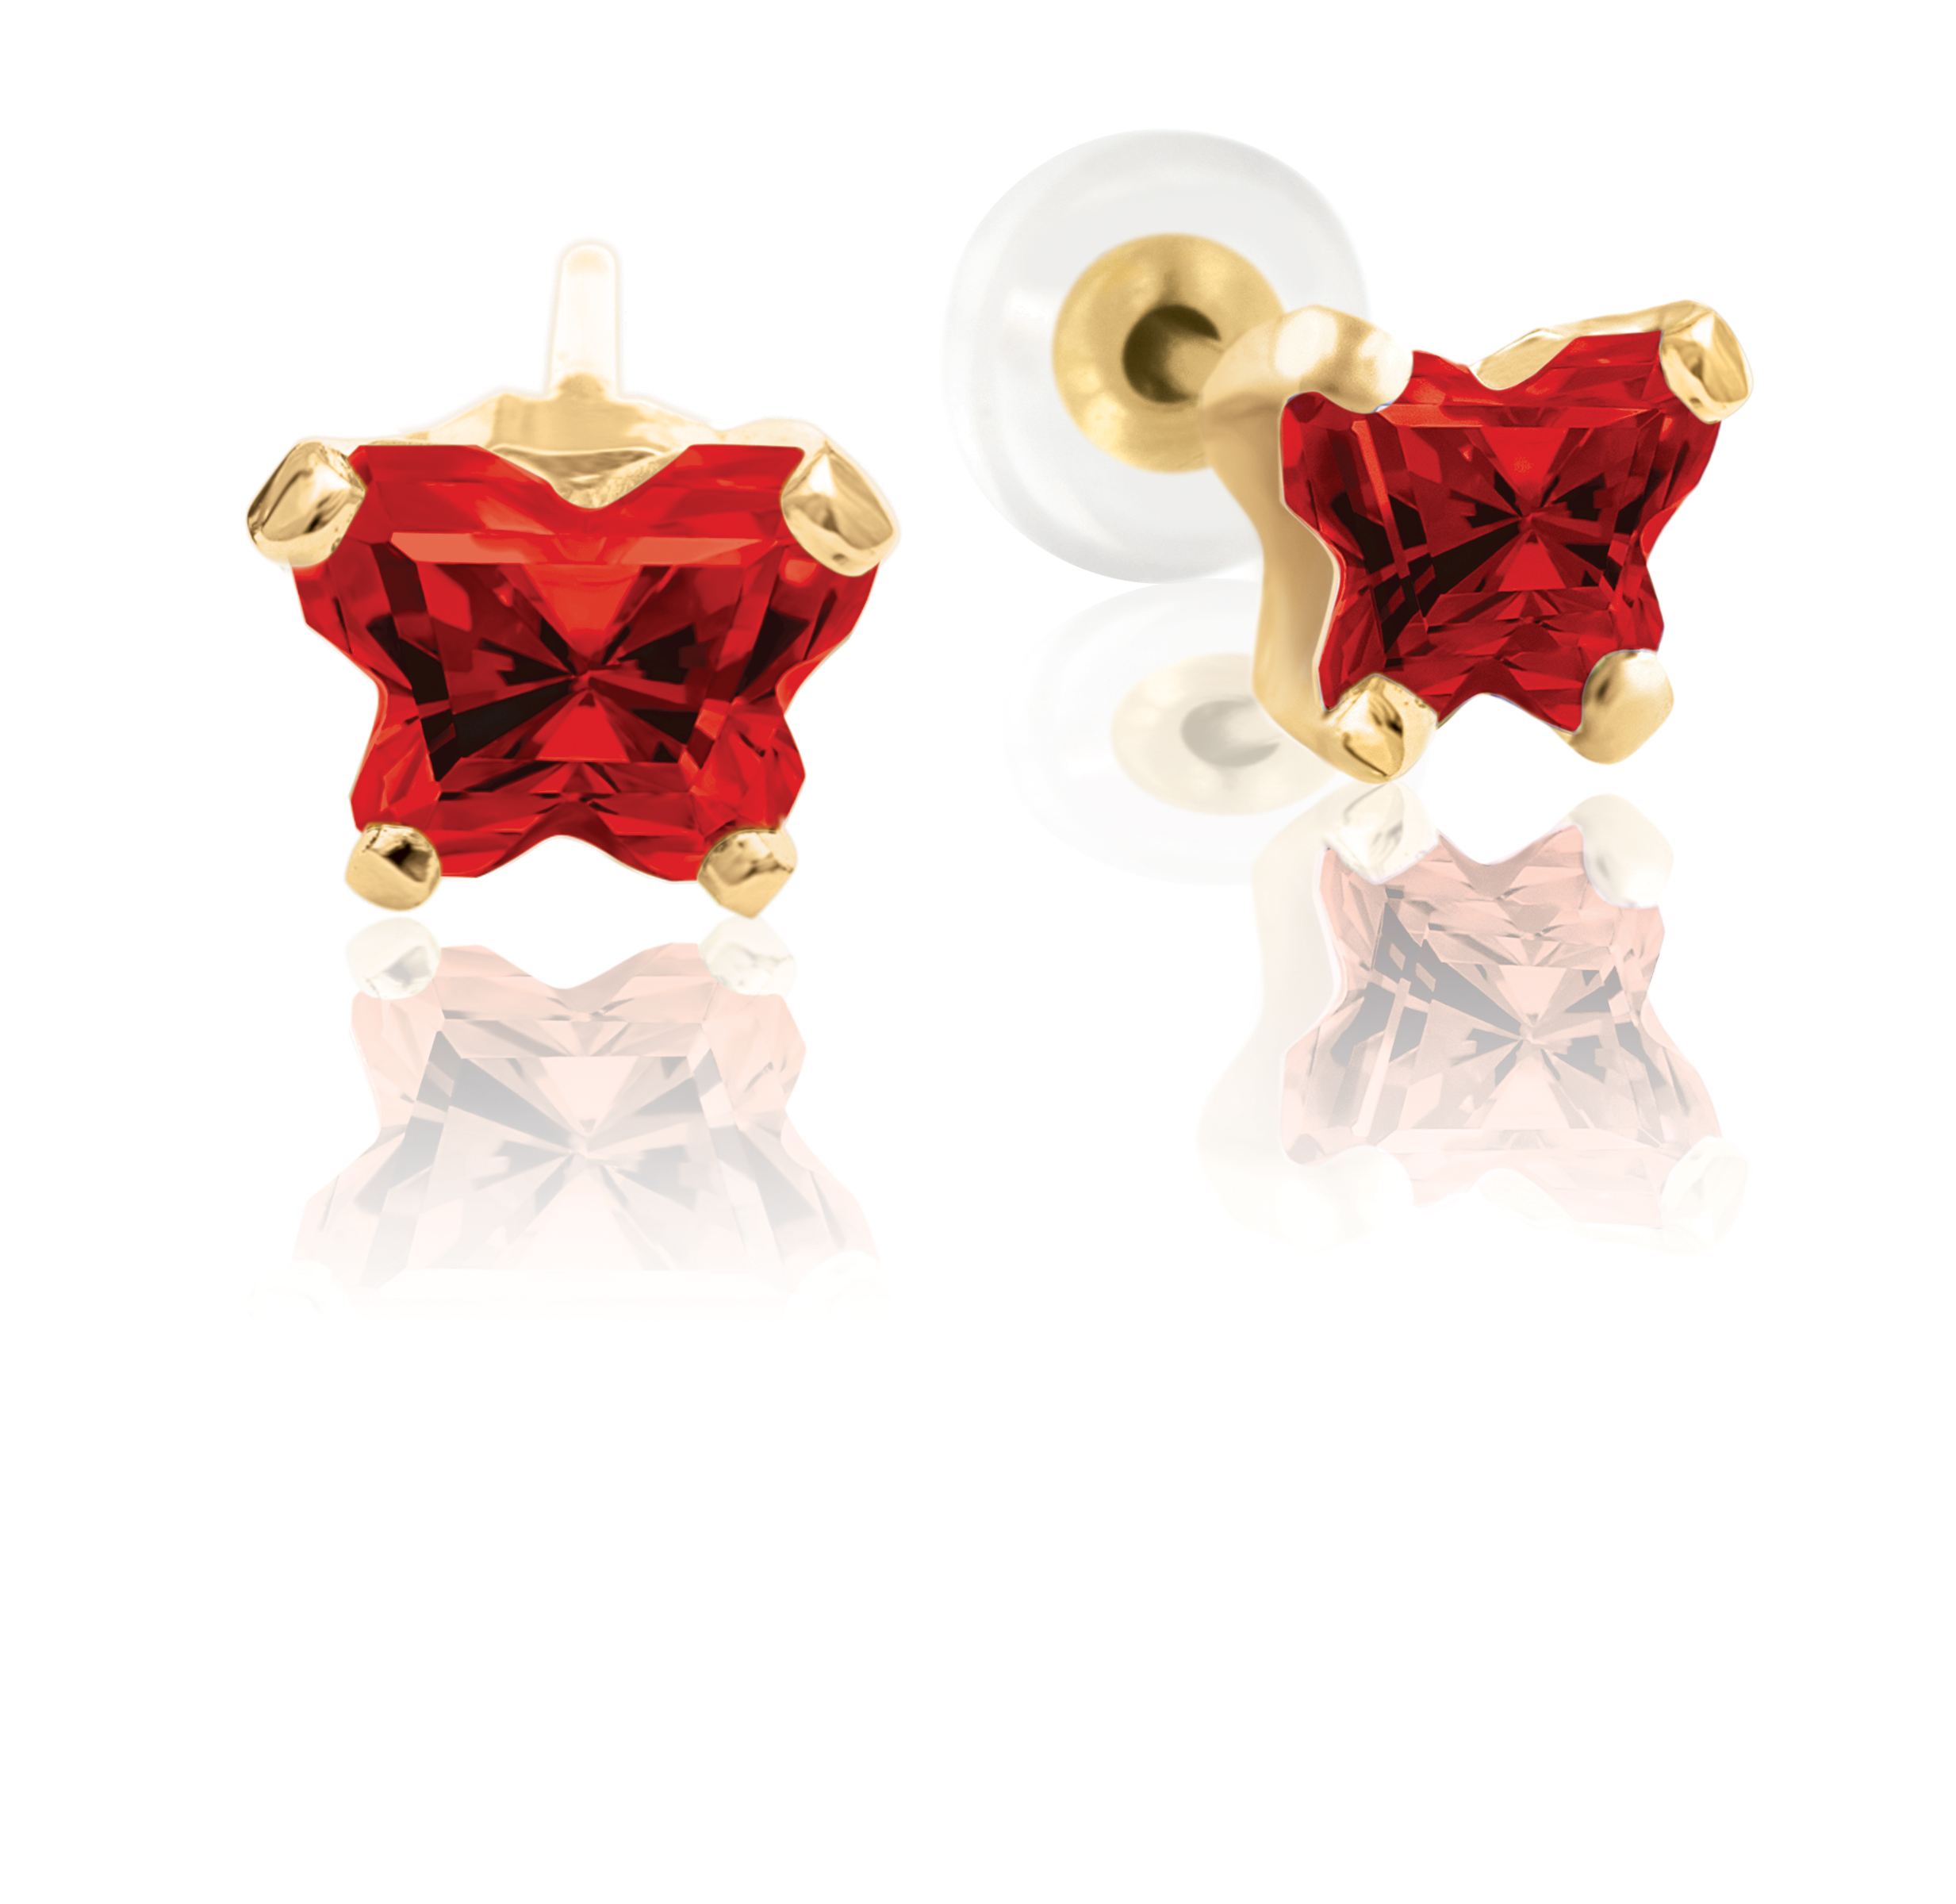 Boucles d'oreilles à tiges fixes BFLY pour bébé sertis de zircons cubiques rouge foncé (mois de janvier) - Or jaune 10K